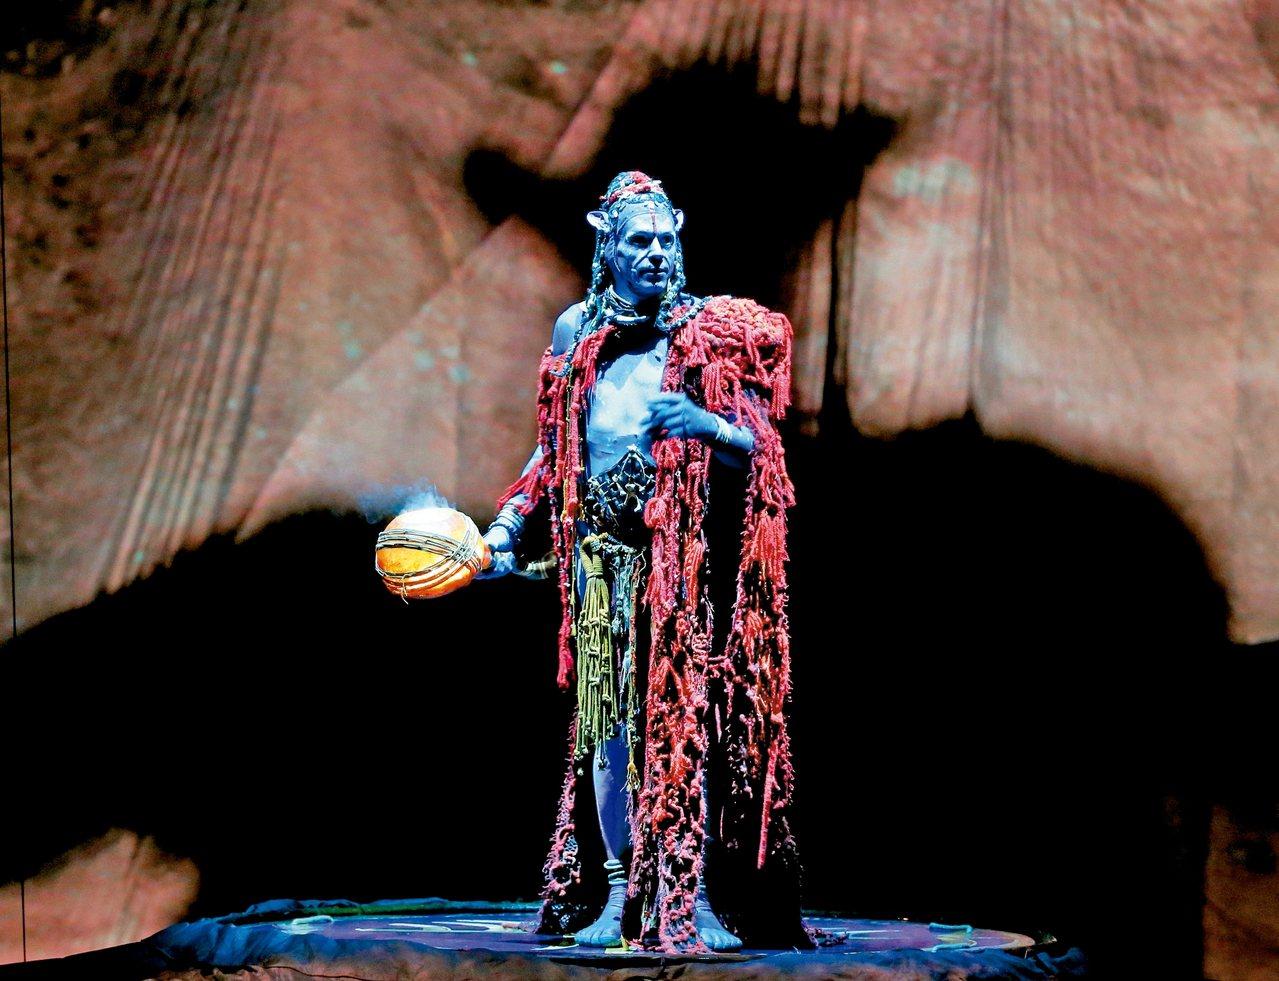 太陽最引以為傲的各種特技,也與角色設定與劇情充分結合,創造高度藝術效果,很多觀眾...